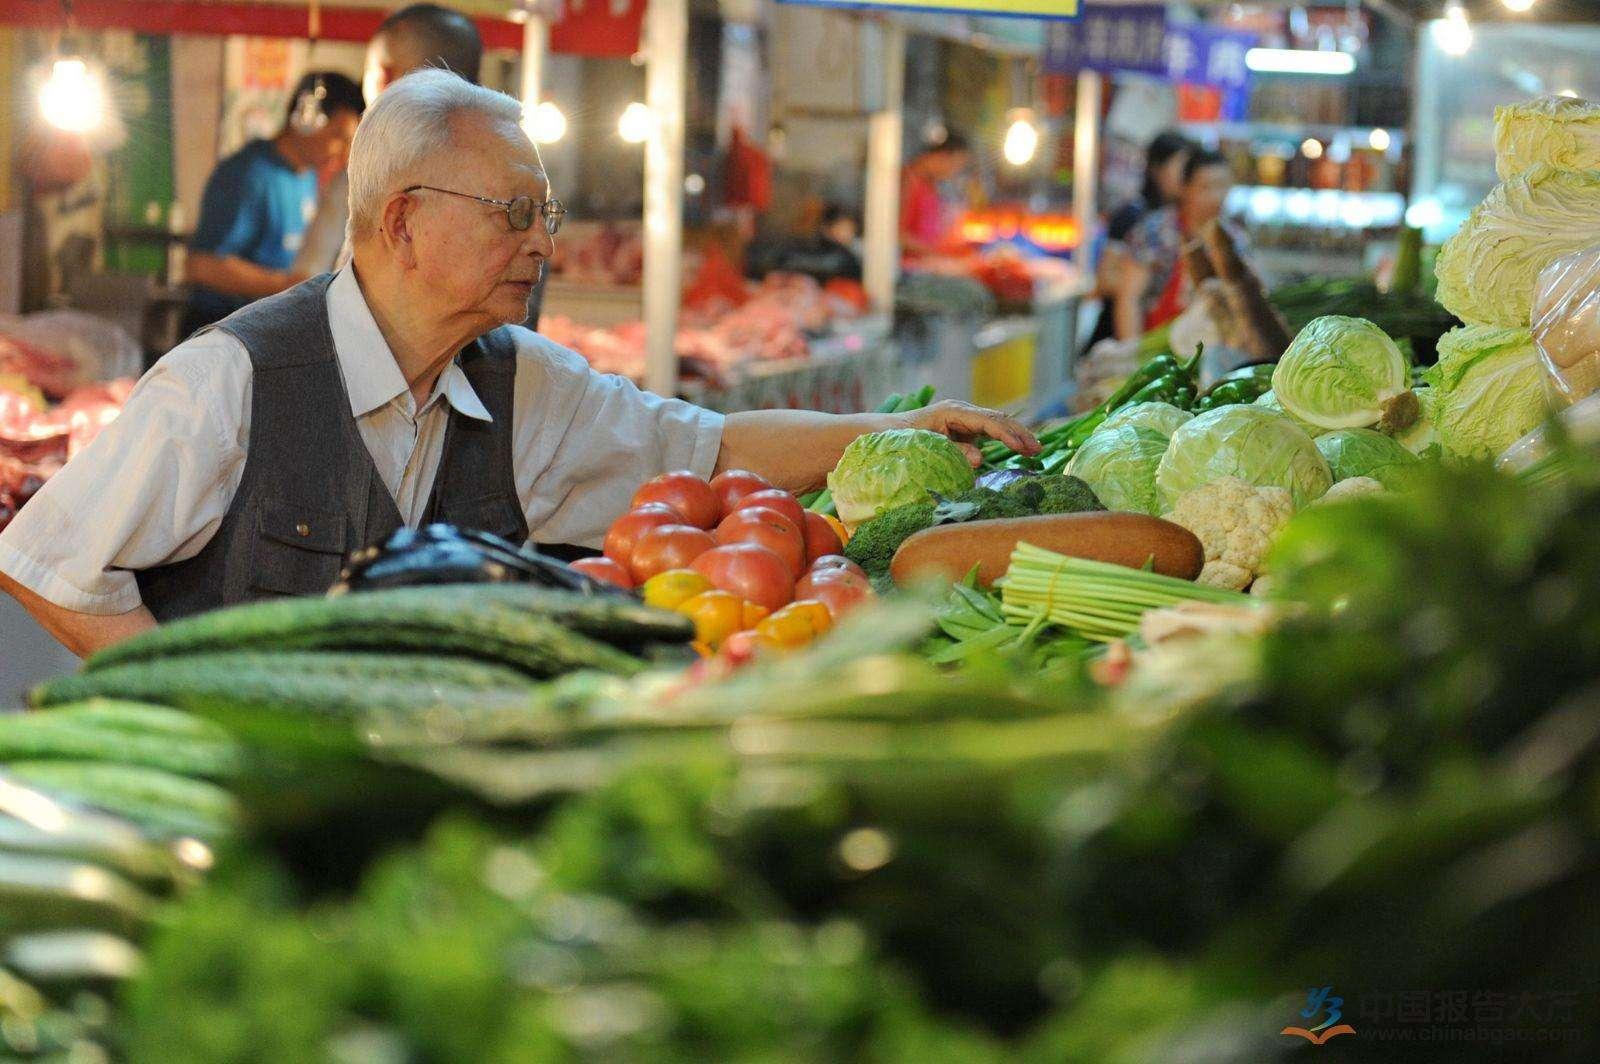 中国9月CPI同比升2.5% 创7个月新高